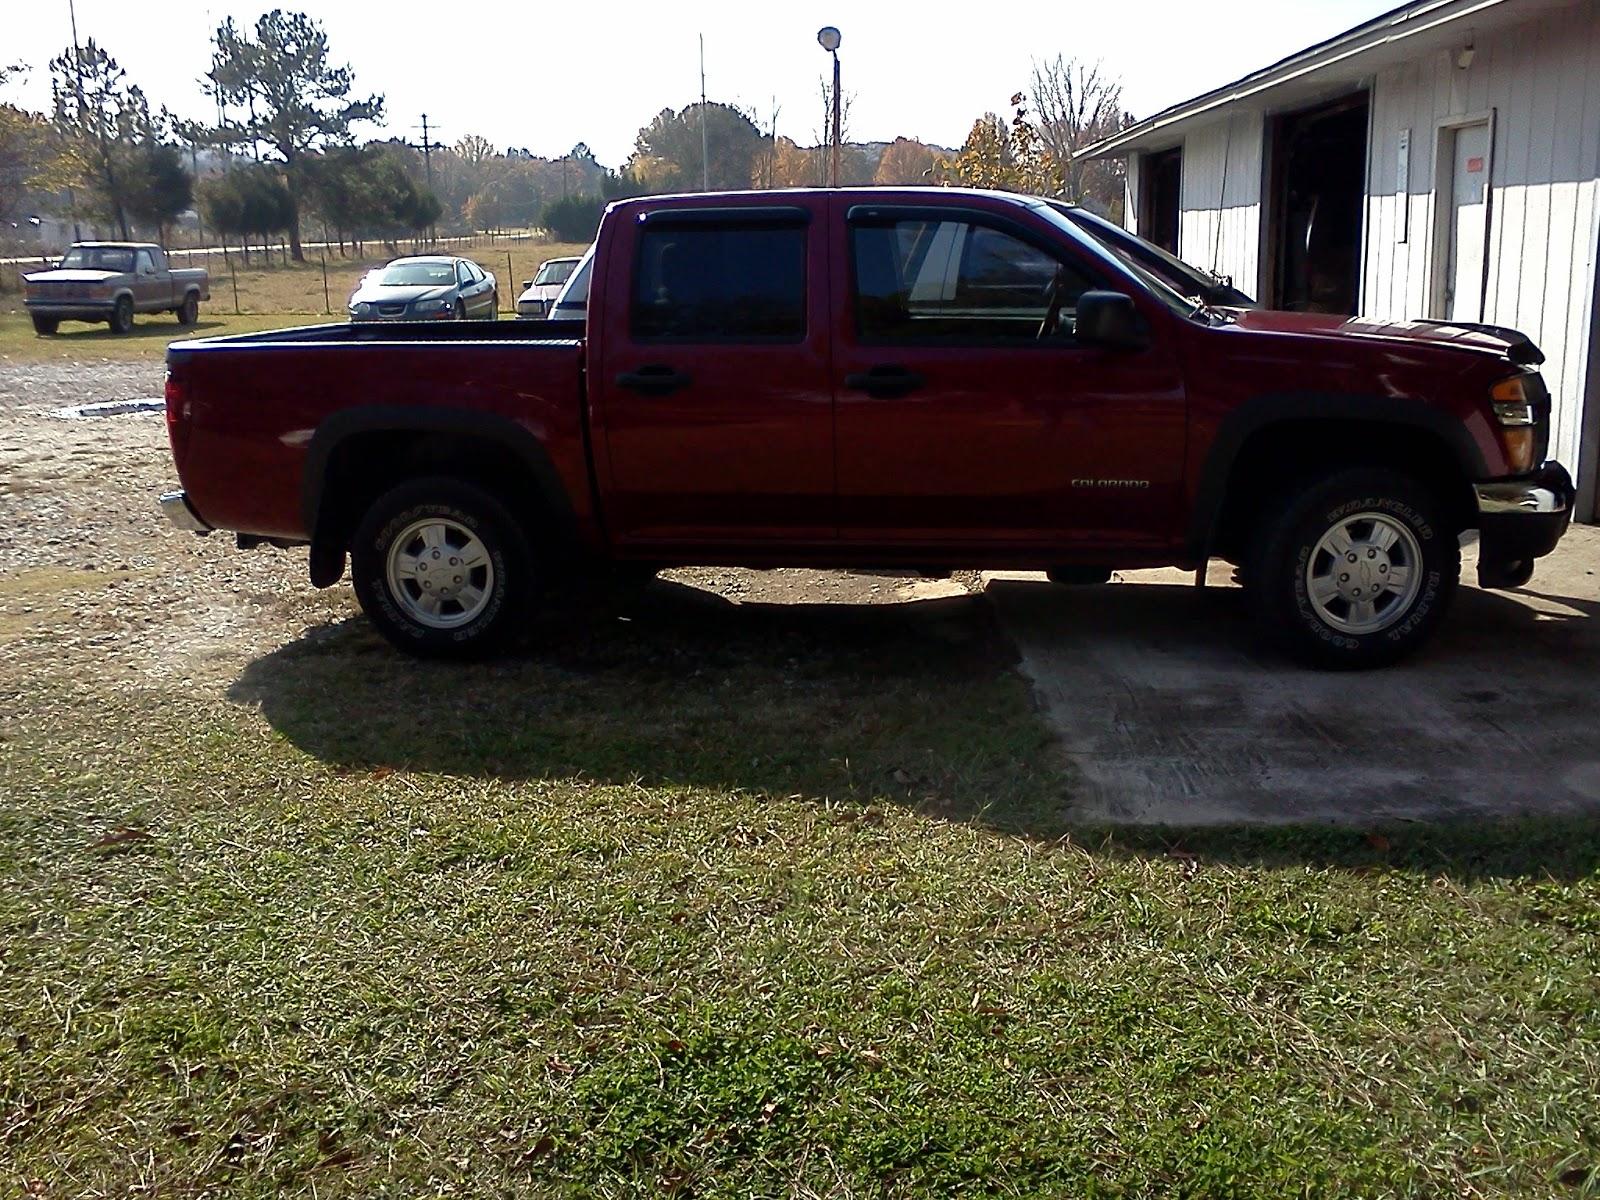 2007 Chevrolet Colorado LT 3.7 2WD, P0128 Code